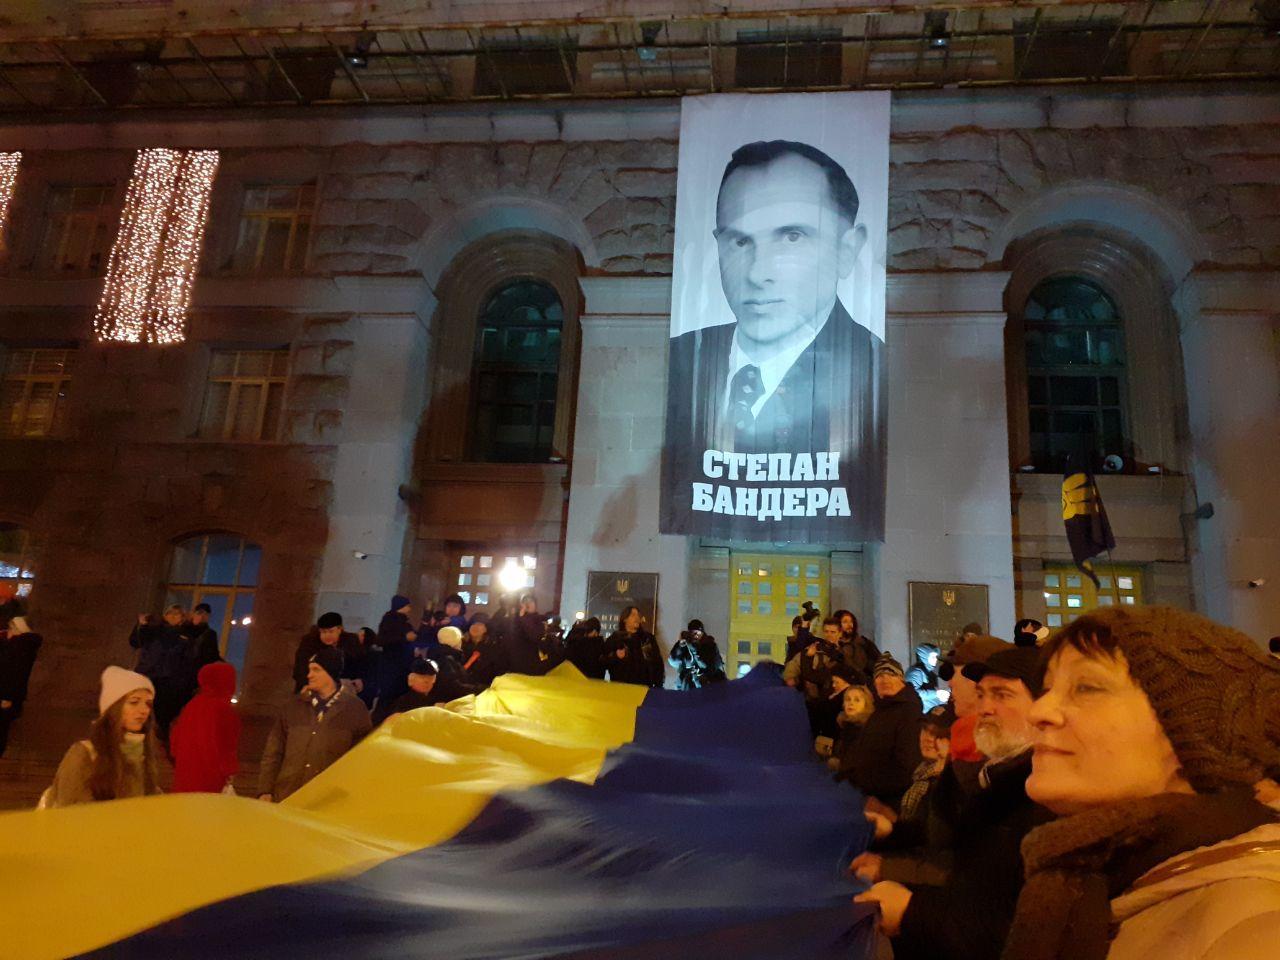 Карась и Валькирия. Как украинцев будут патриотически воспитывать